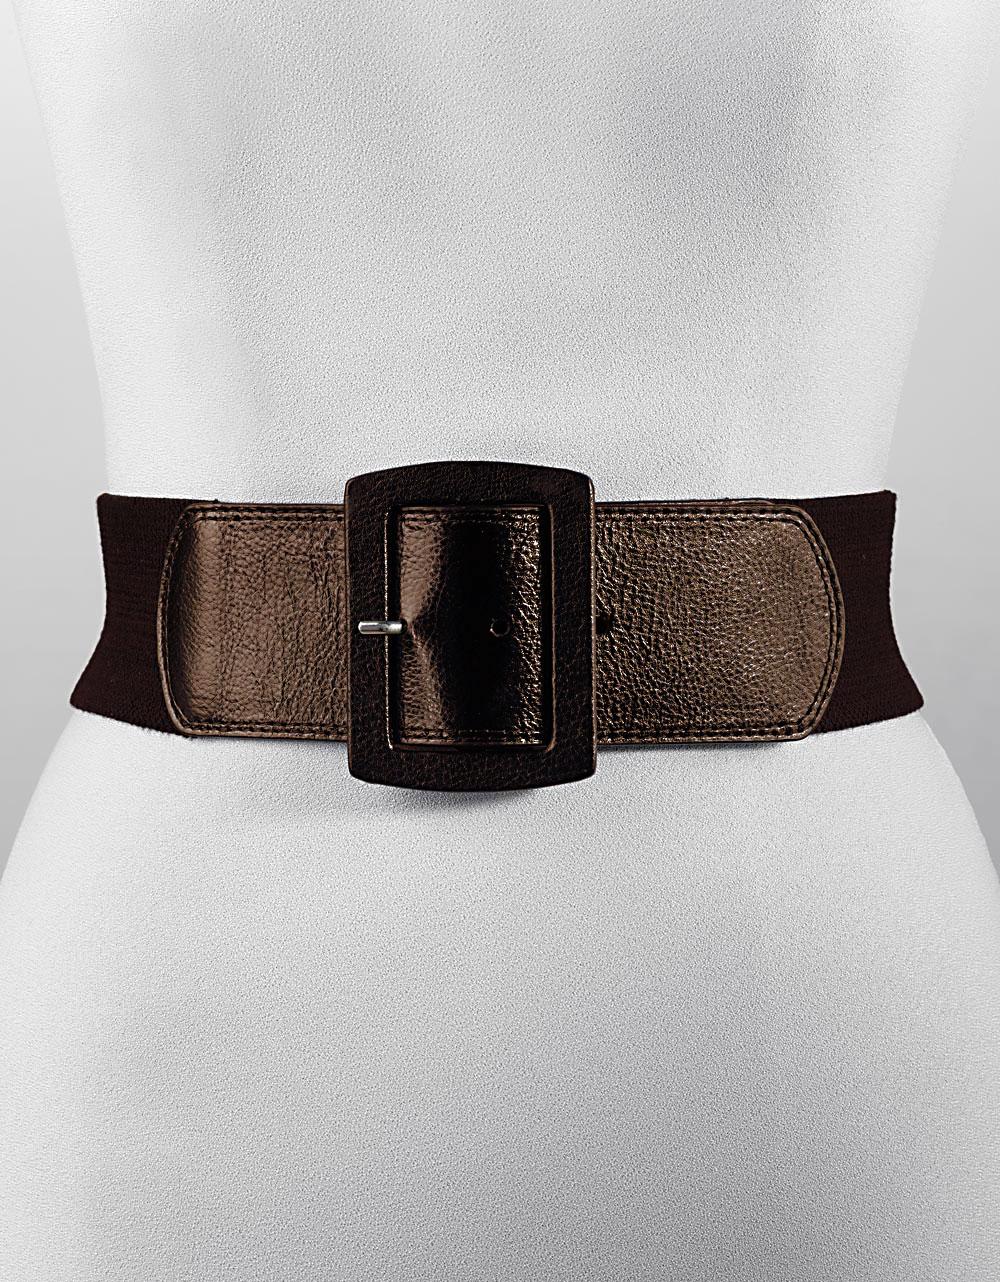 calvin klein stretch wide belt in black brn lyst